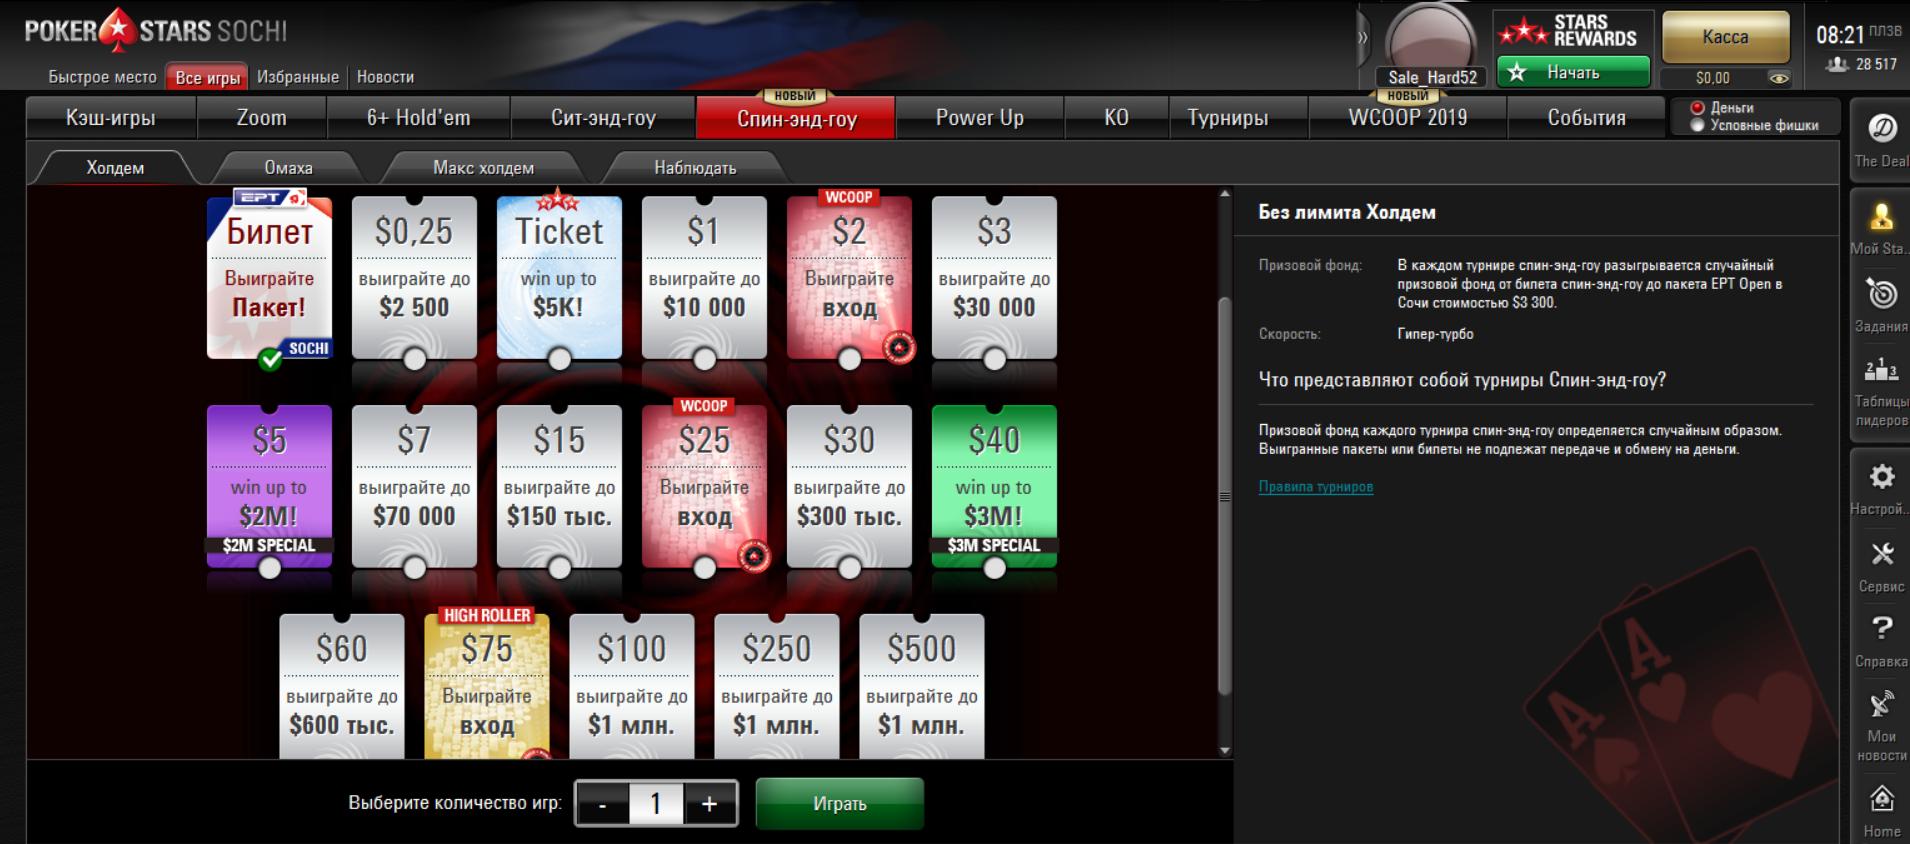 Я выбрал быстрый формат — Spin & Go. Далее выбираете игру по размеру взноса и возможному выигрышу. В верхнем правом углу переключатель — играть на деньги или на бесплатные фишки